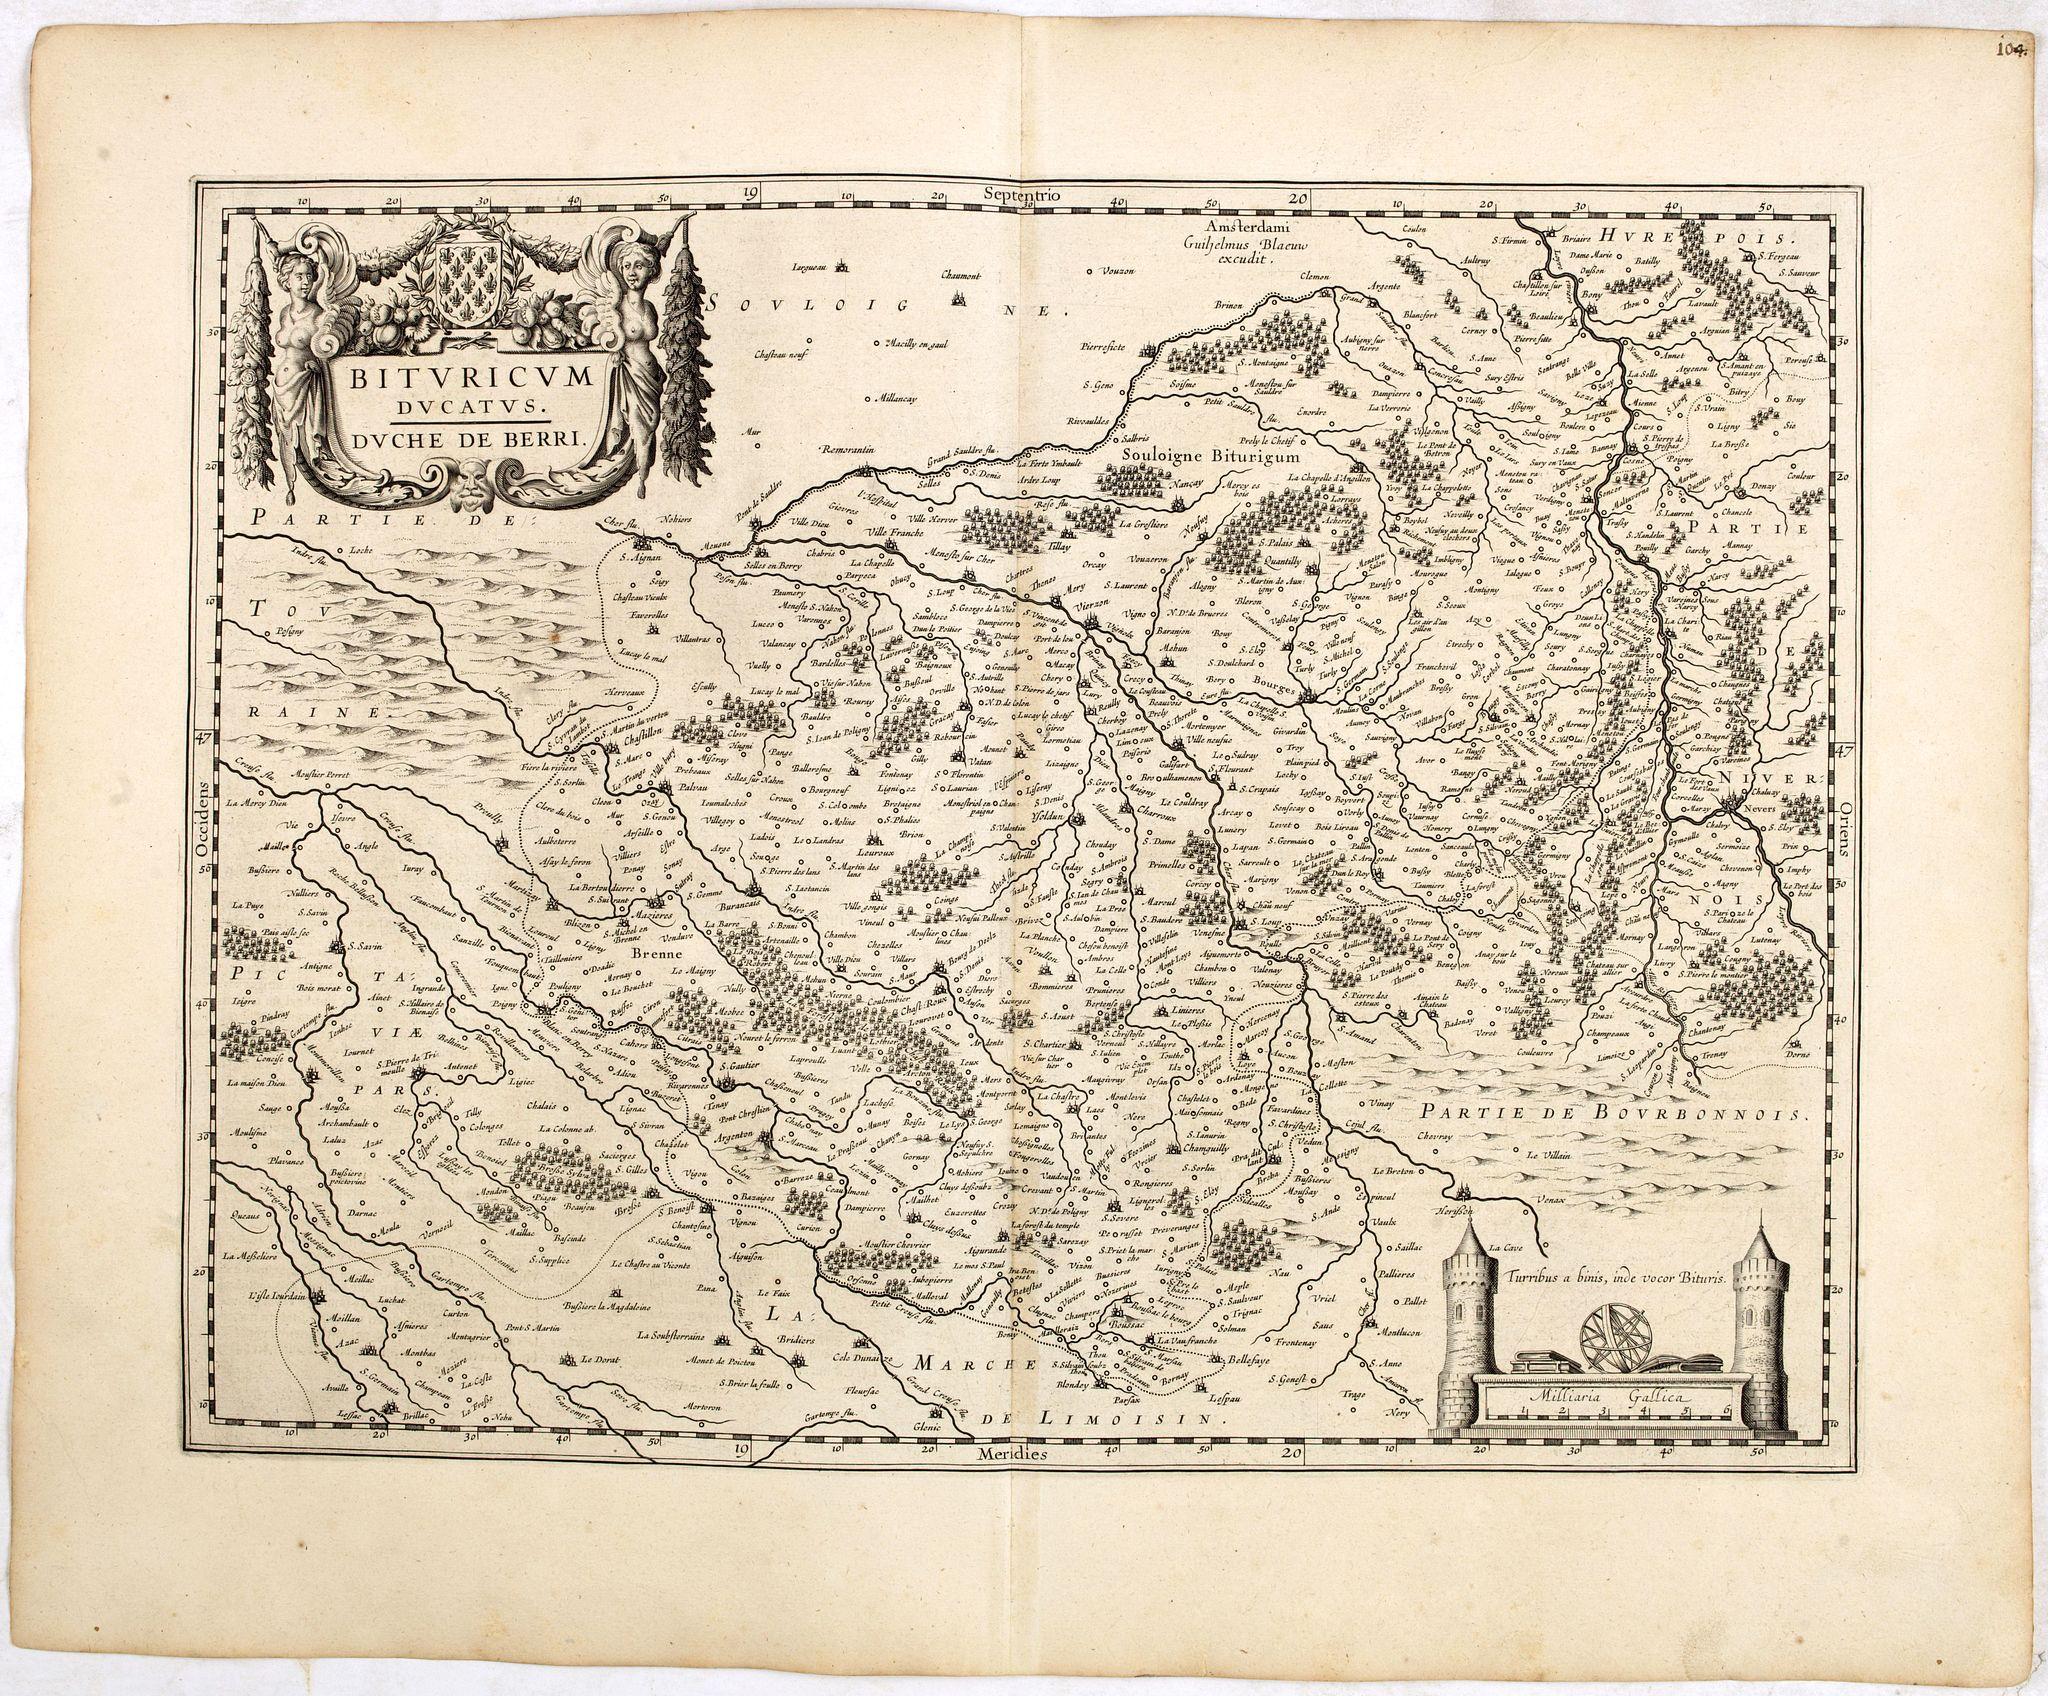 BLAEU, W. -  Bituricum Ducatus. Duche de Berri.